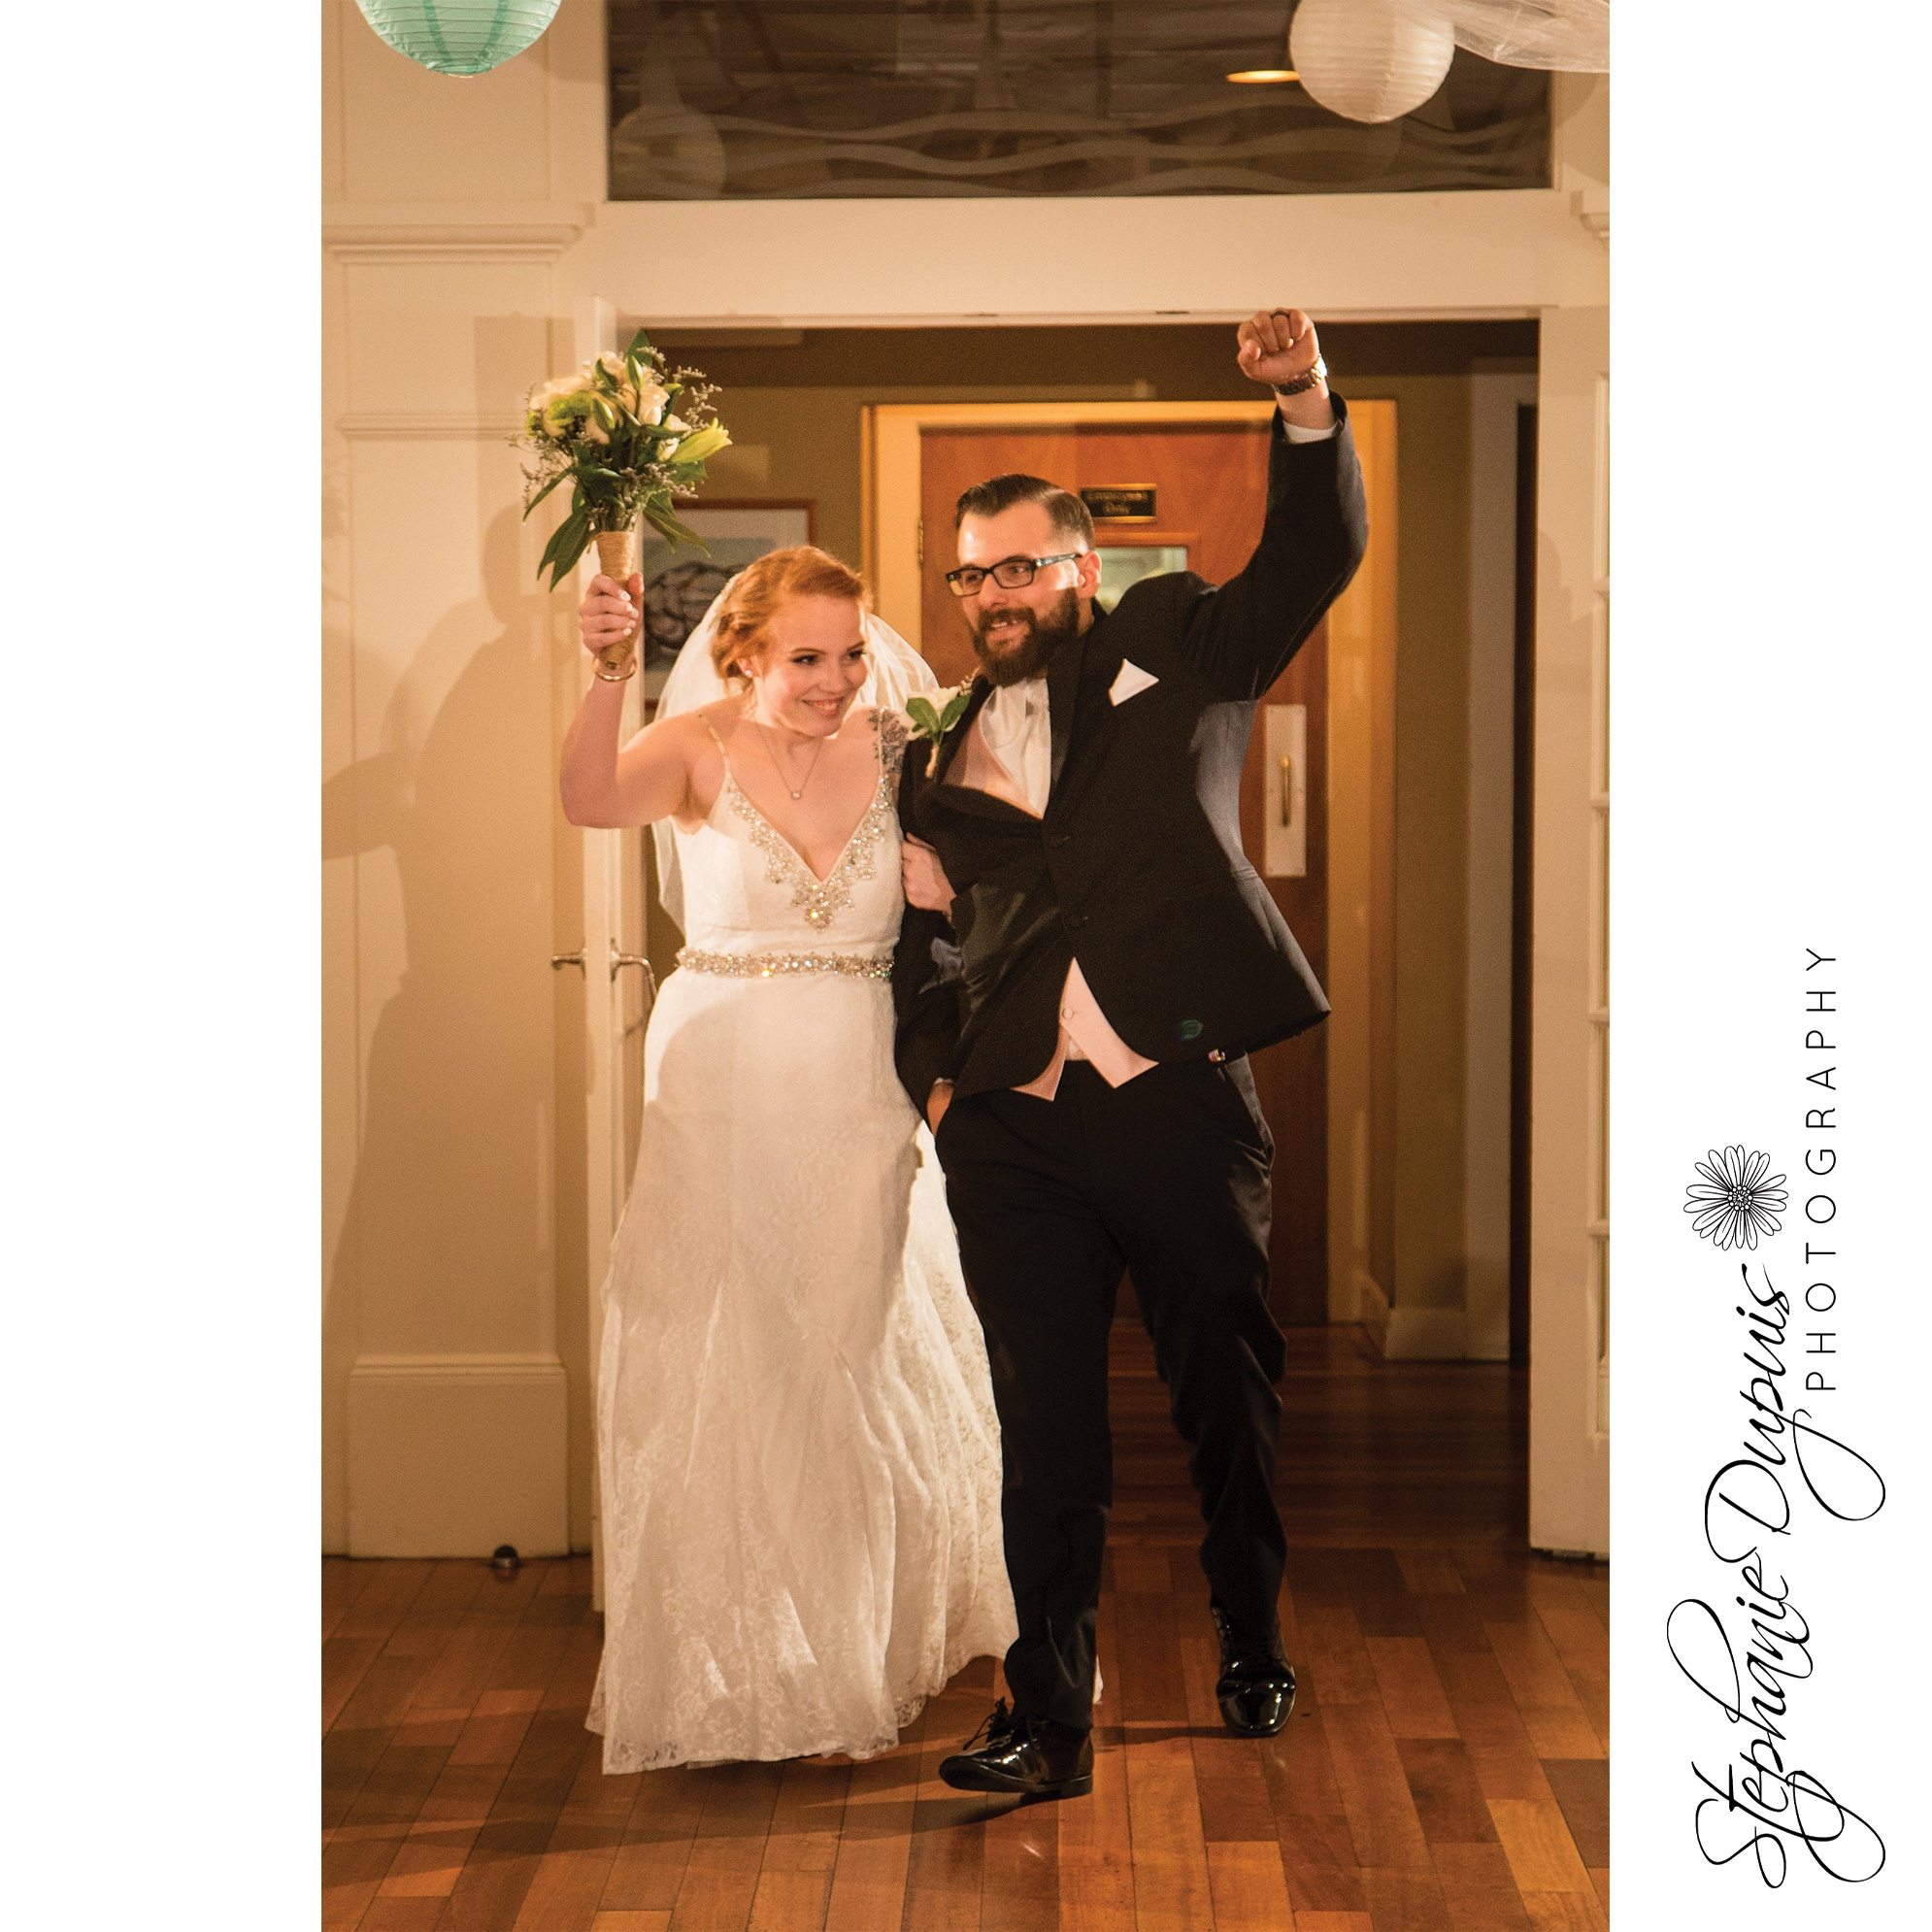 Gaffney 27 - Portfolio: Gaffney Wedding